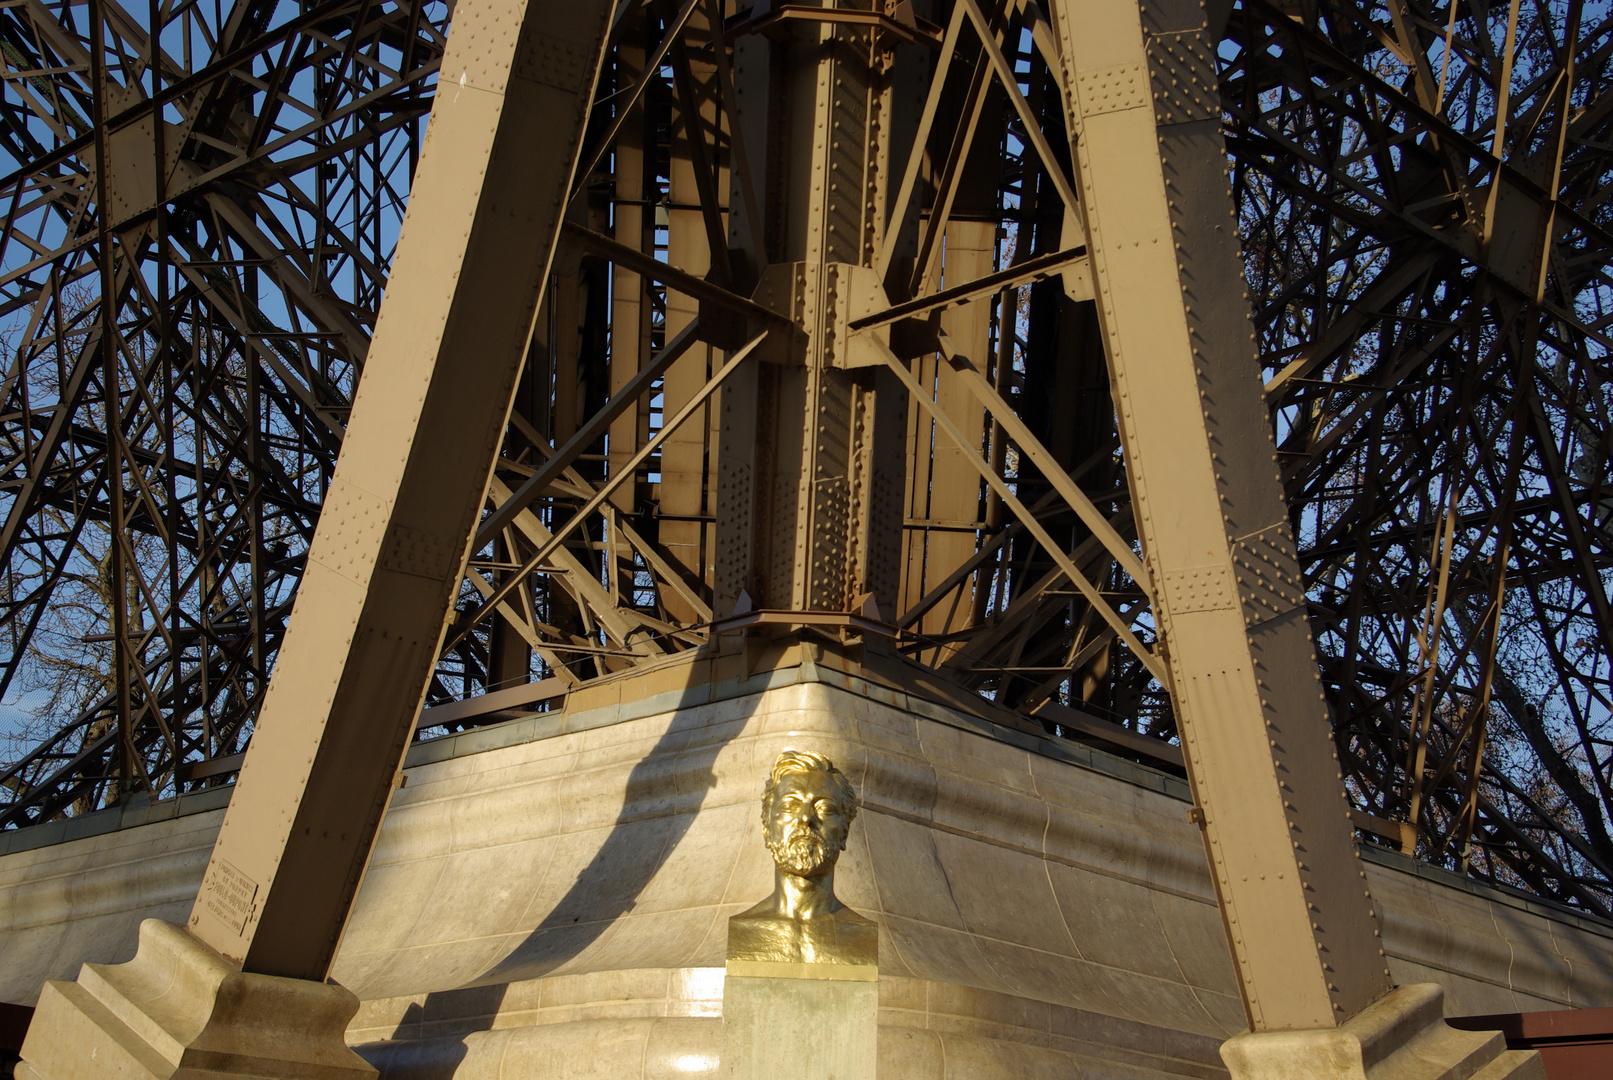 Büste von Alexandre Gustave Eiffel